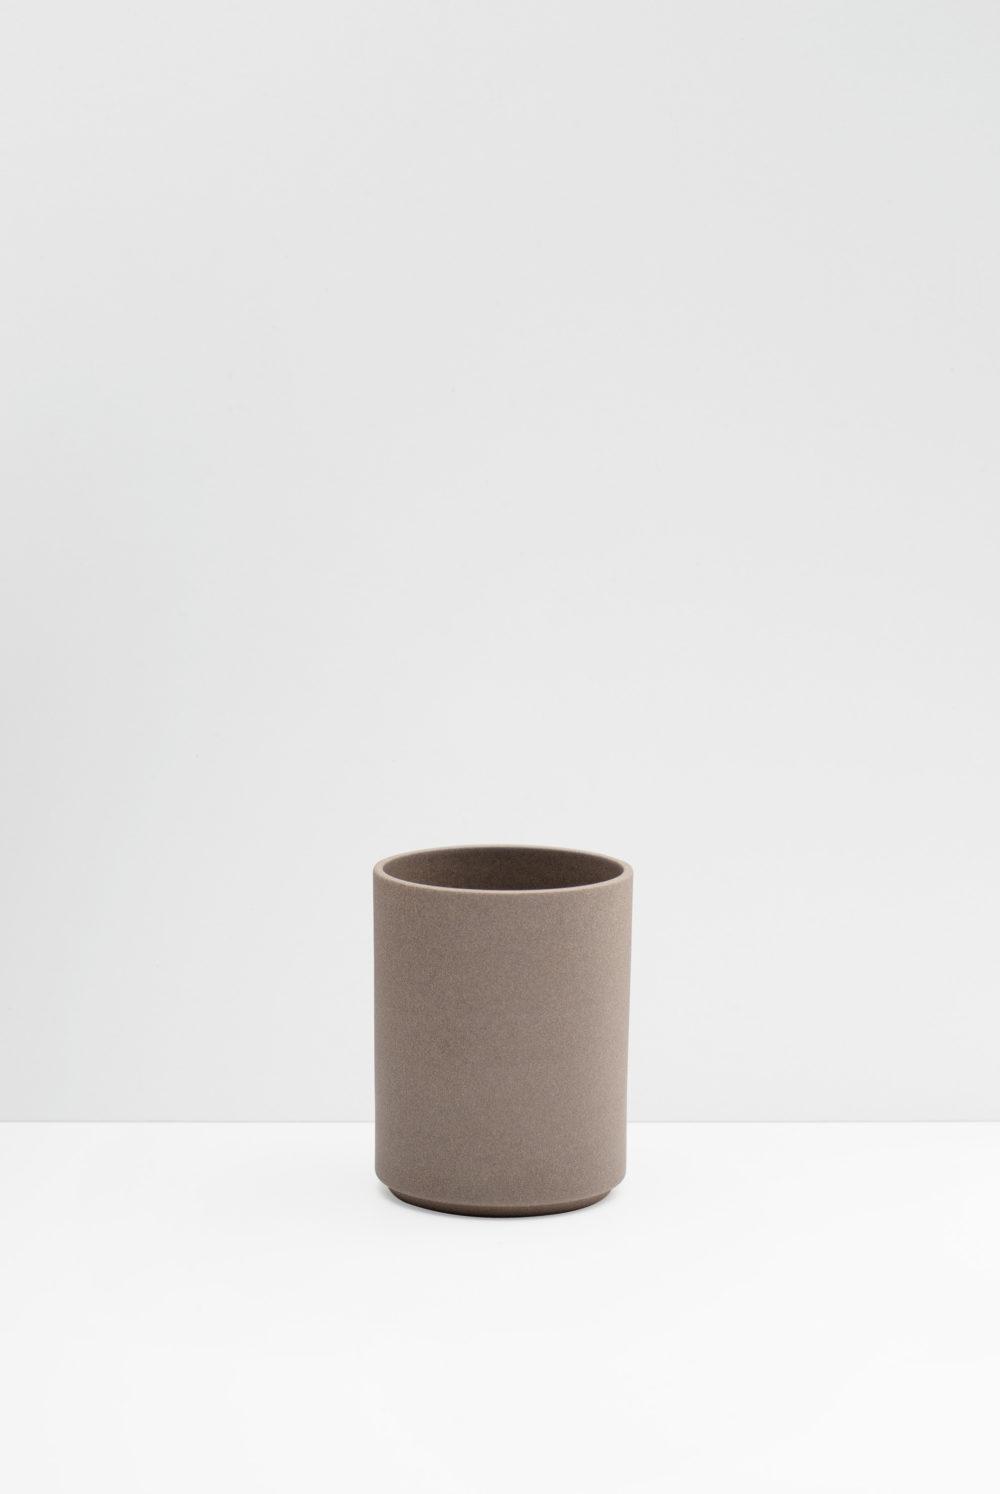 Hasami Porcelain utensil holder